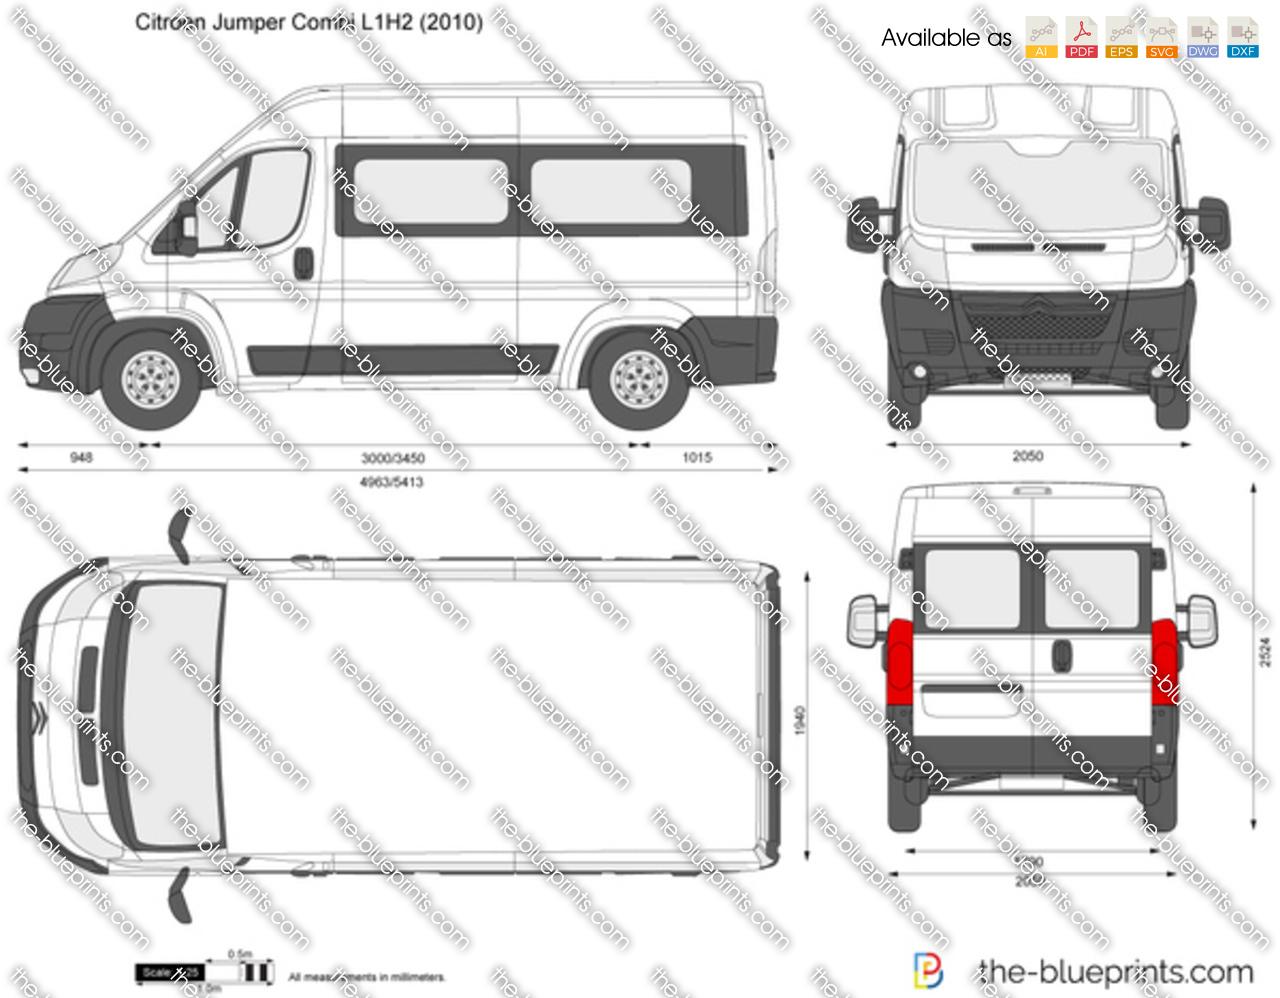 Citroen Jumper Combi L1H2 vector drawing